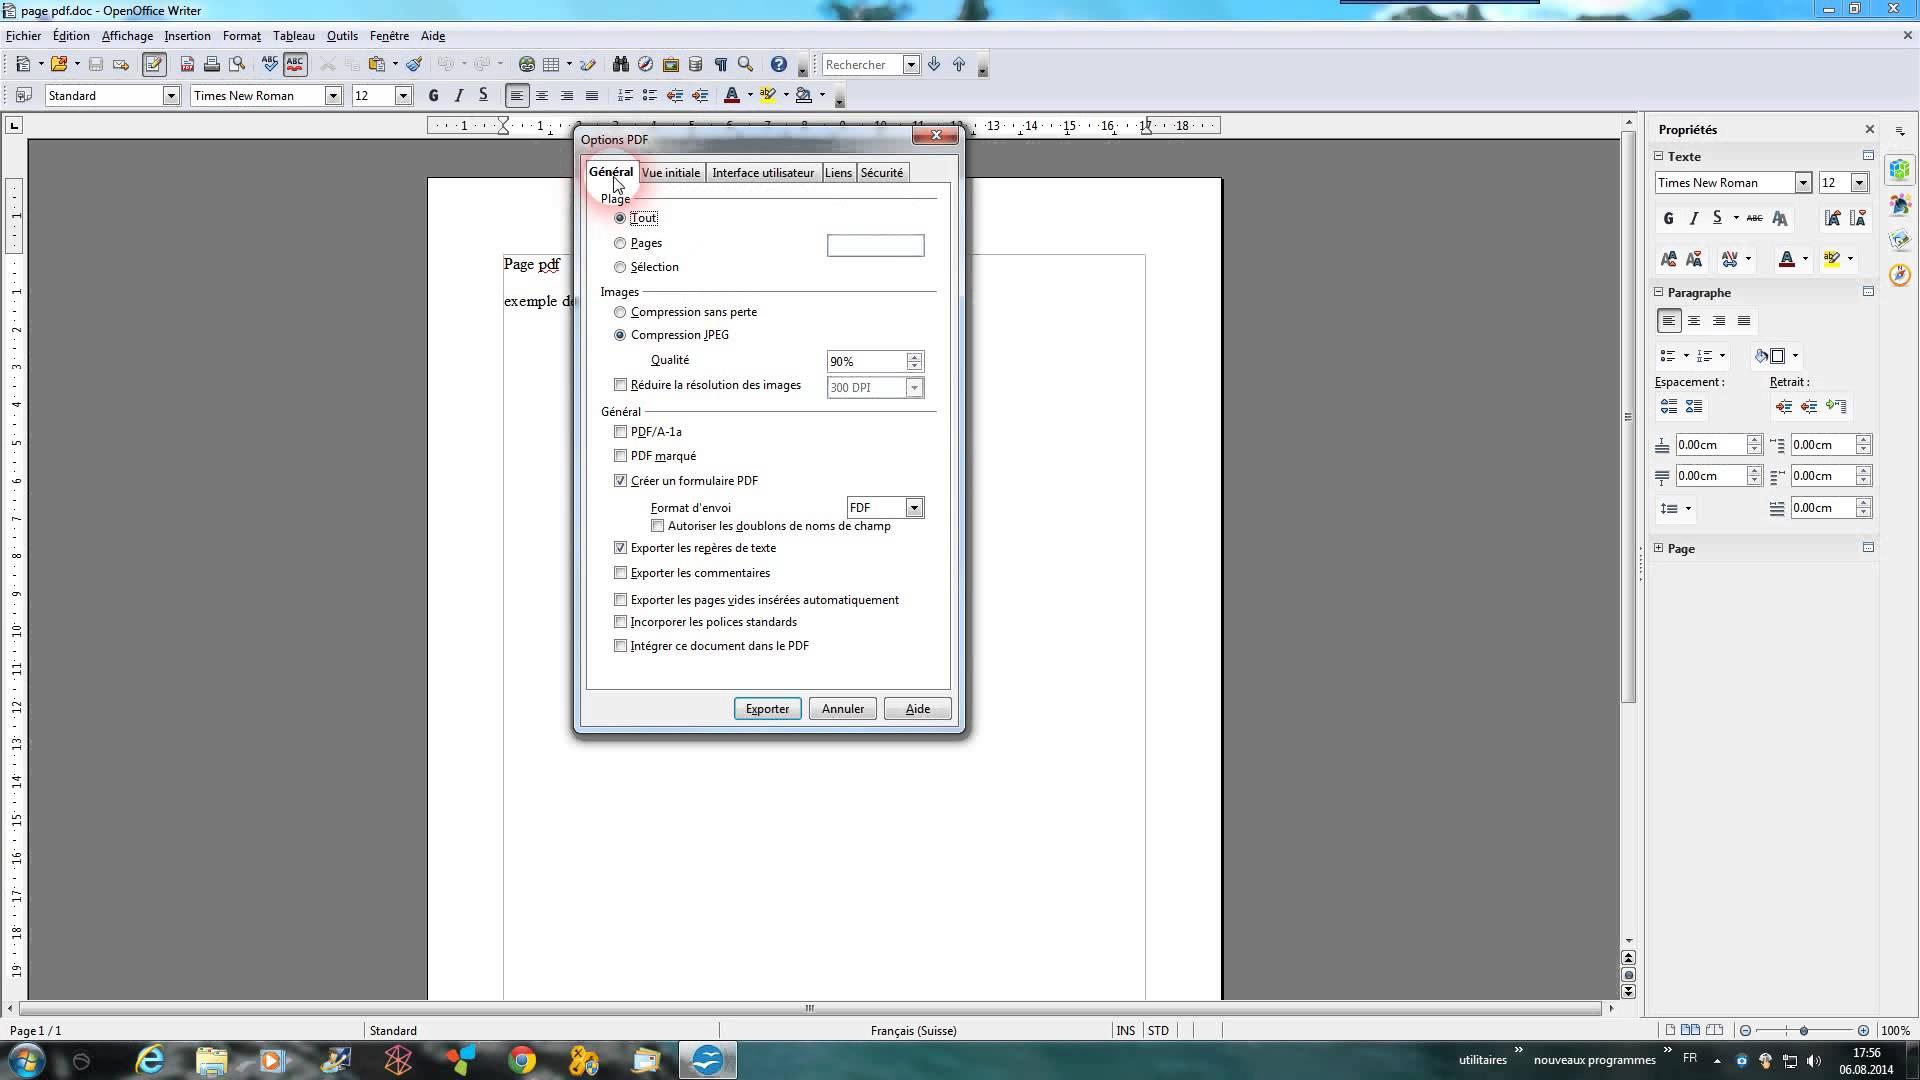 Comment transformer un document en pdf - Comment mettre un fer a cheval pour porter bonheur ...